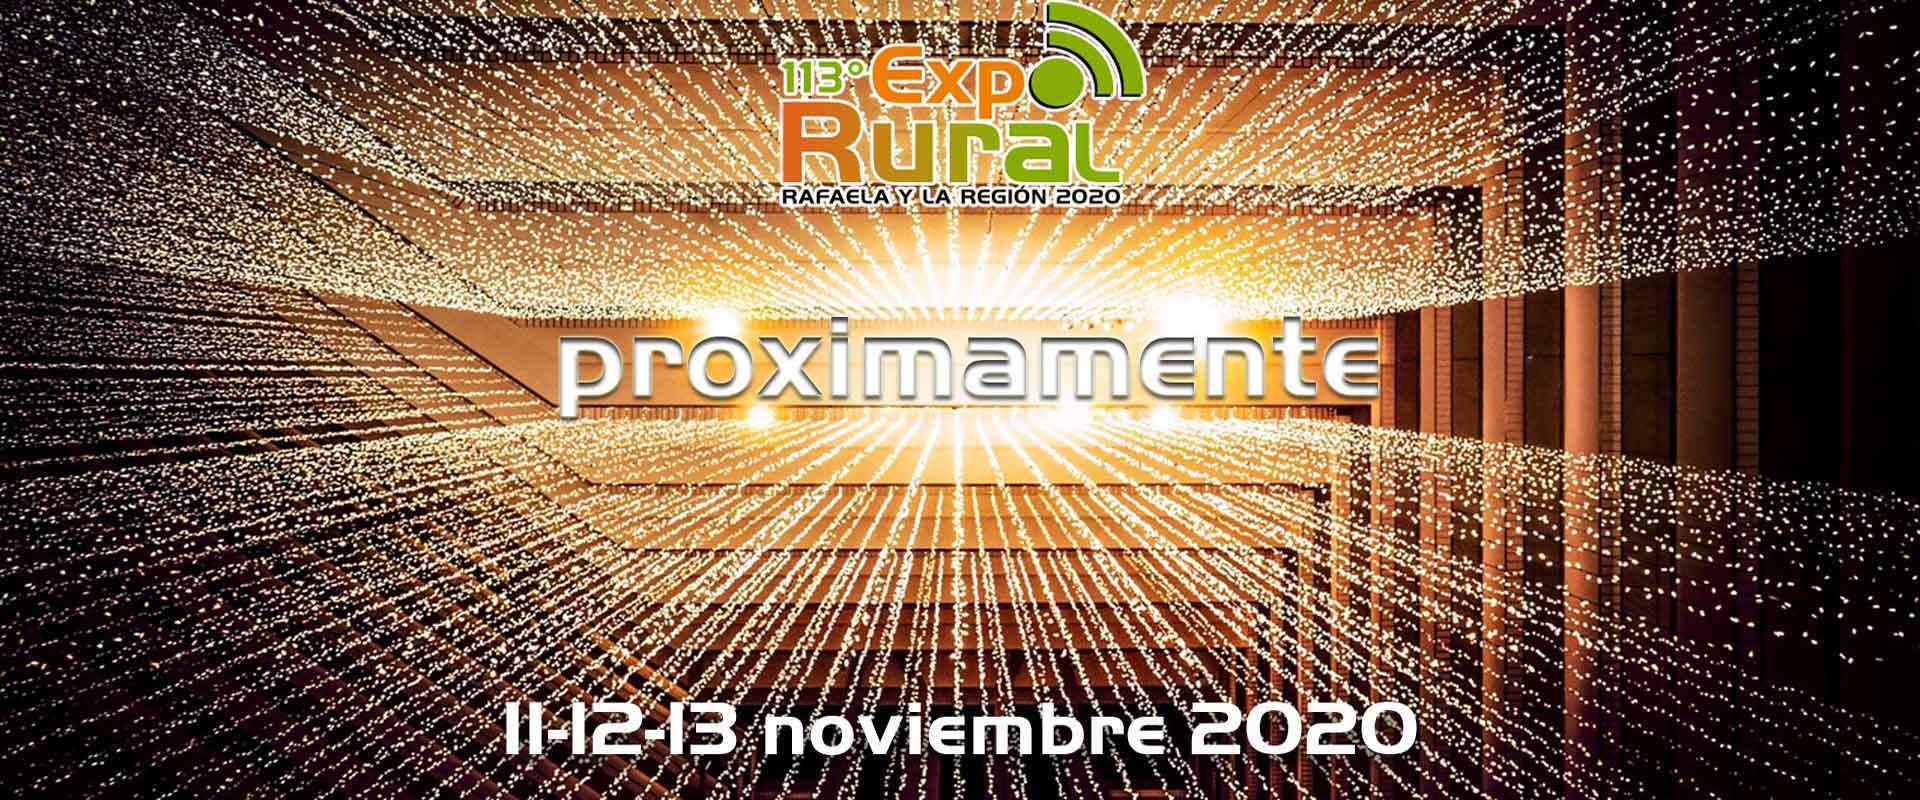 En este momento estás viendo Conferencia de Prensa: «Presentación ExpoRural 2020 Rafaela y la Región-versión en línea-